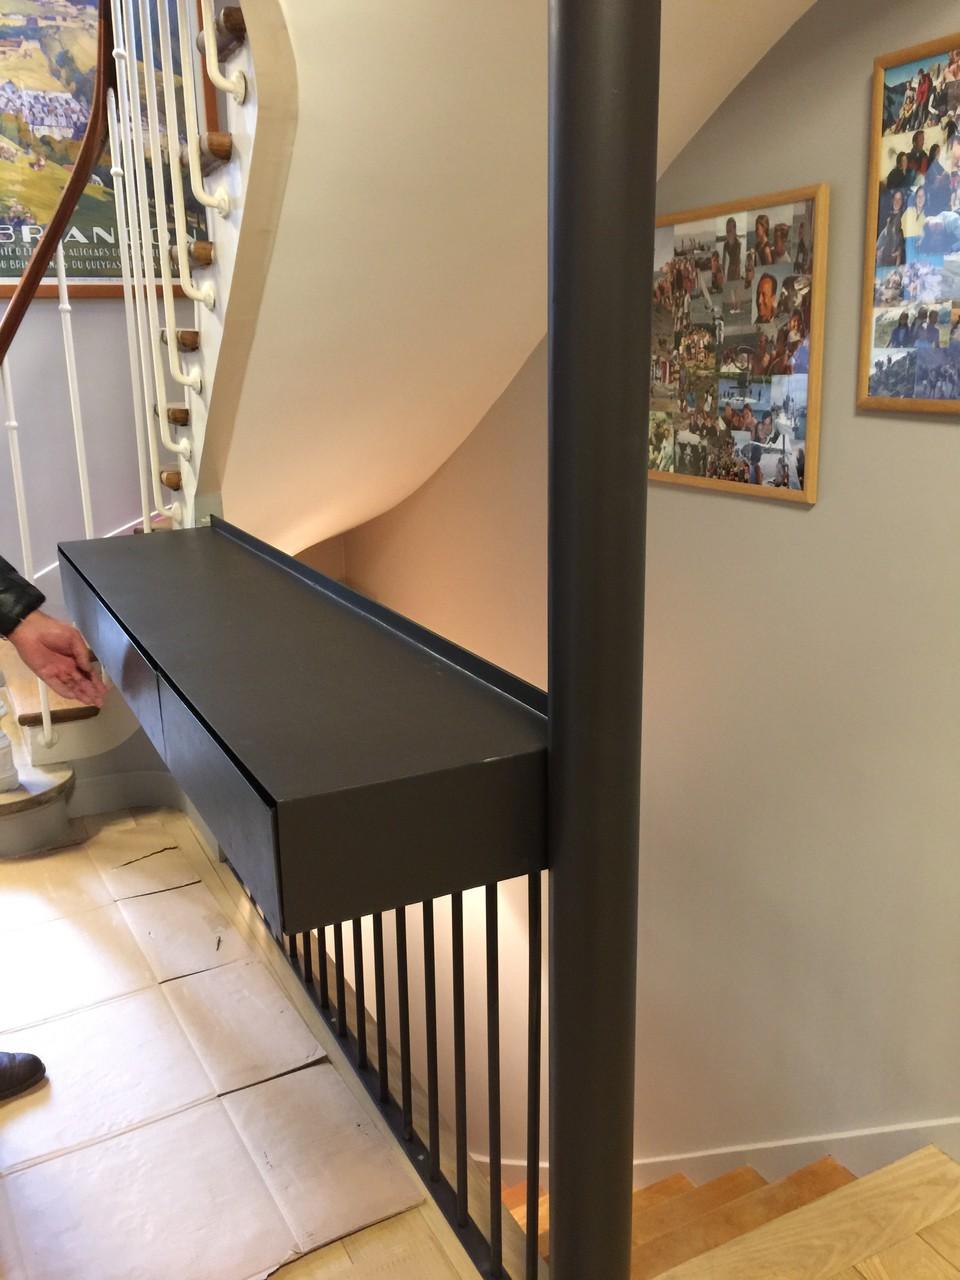 console d'entrée avec tiroirs en métal